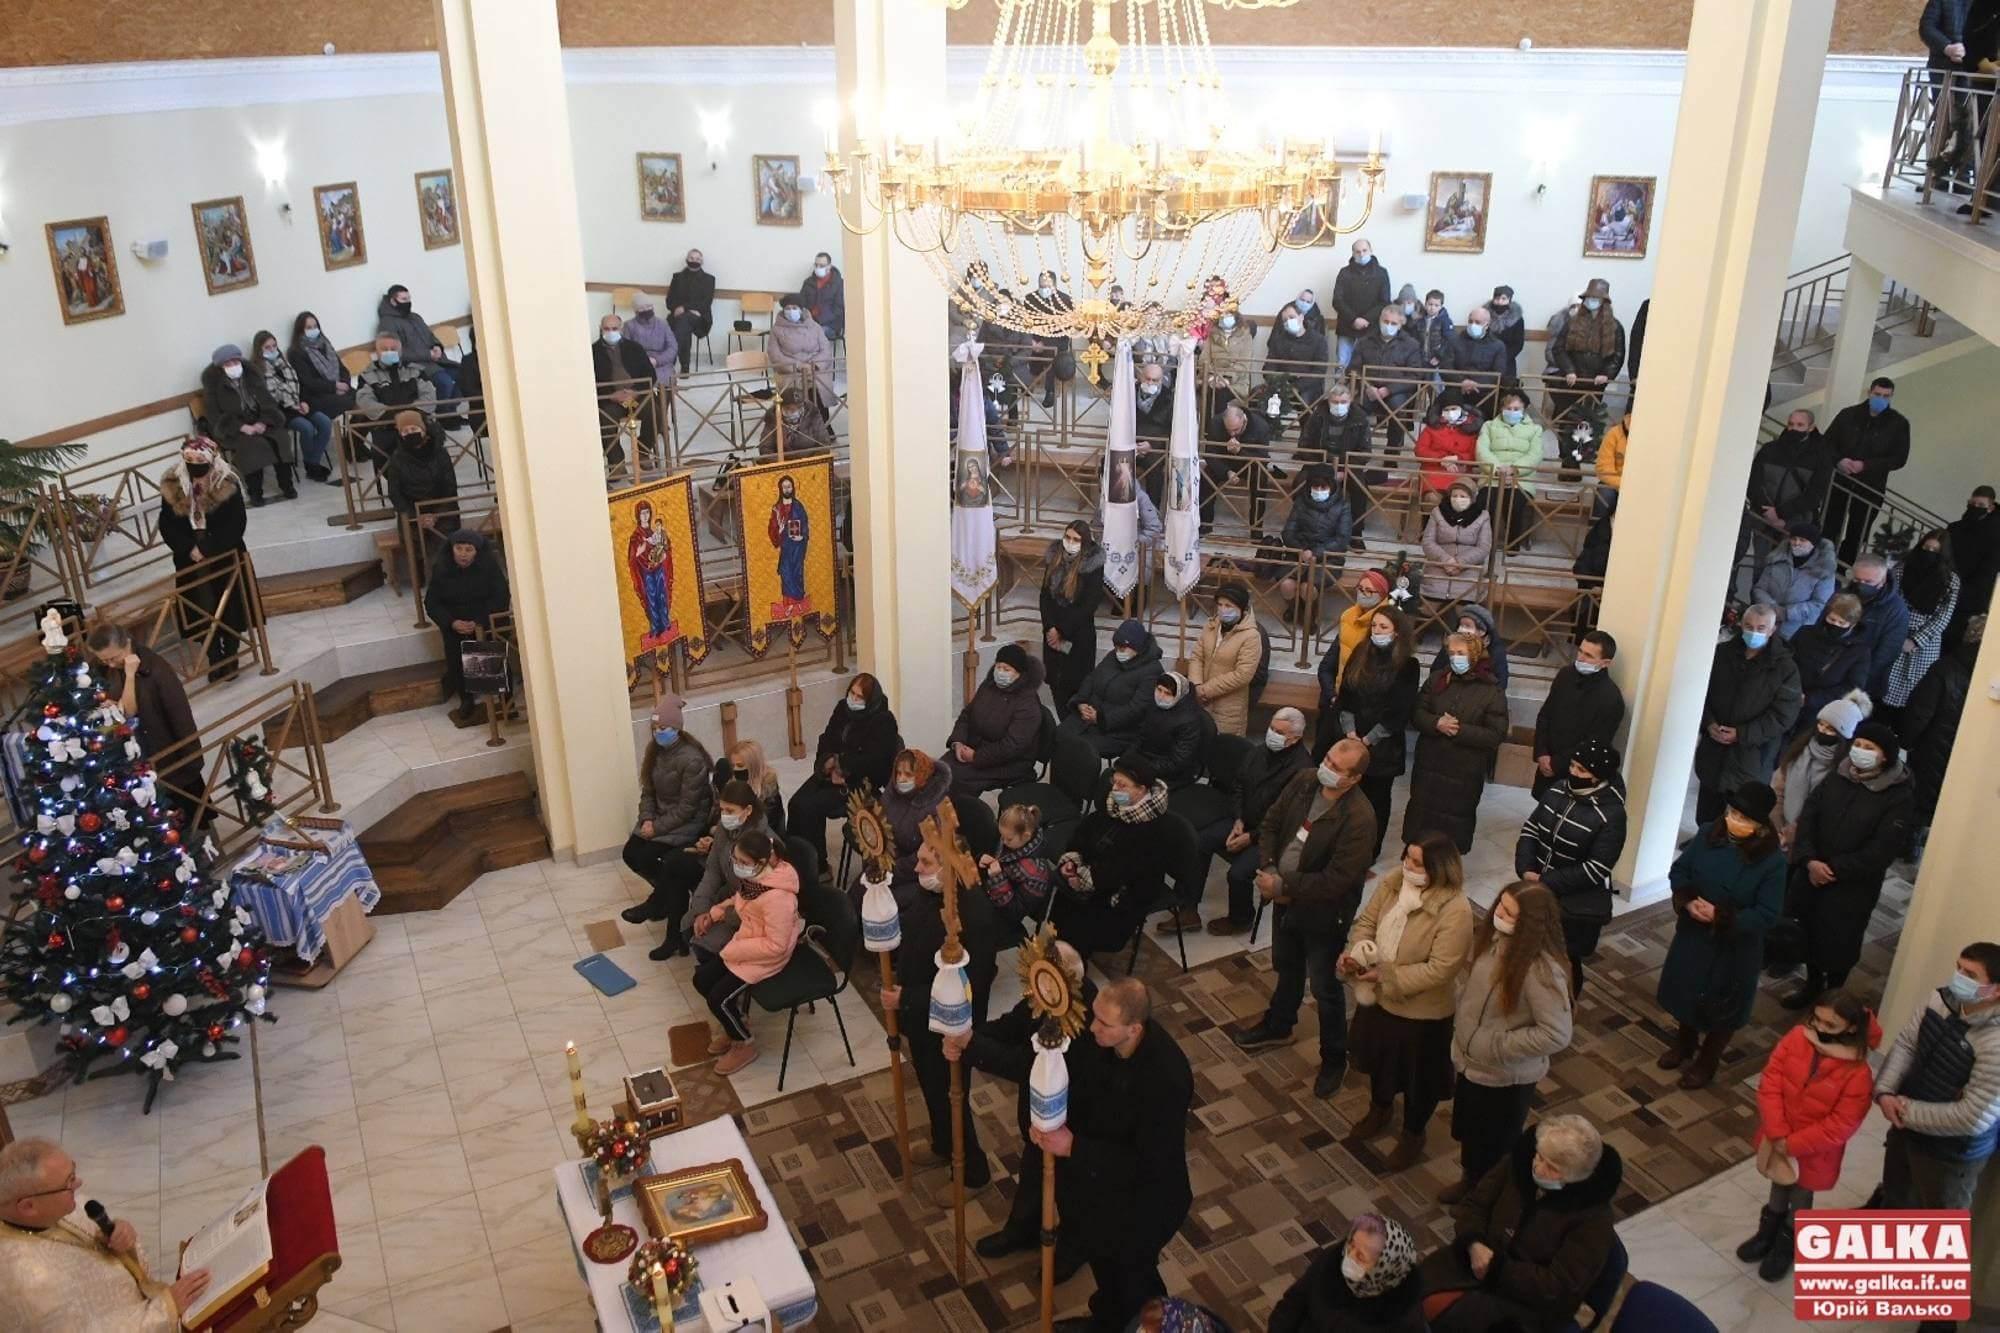 Франківськ вже колядує: як на першій франківській парафії УГКЦ 25 грудня Різдво зустріли (ФОТО, ВІДЕО)